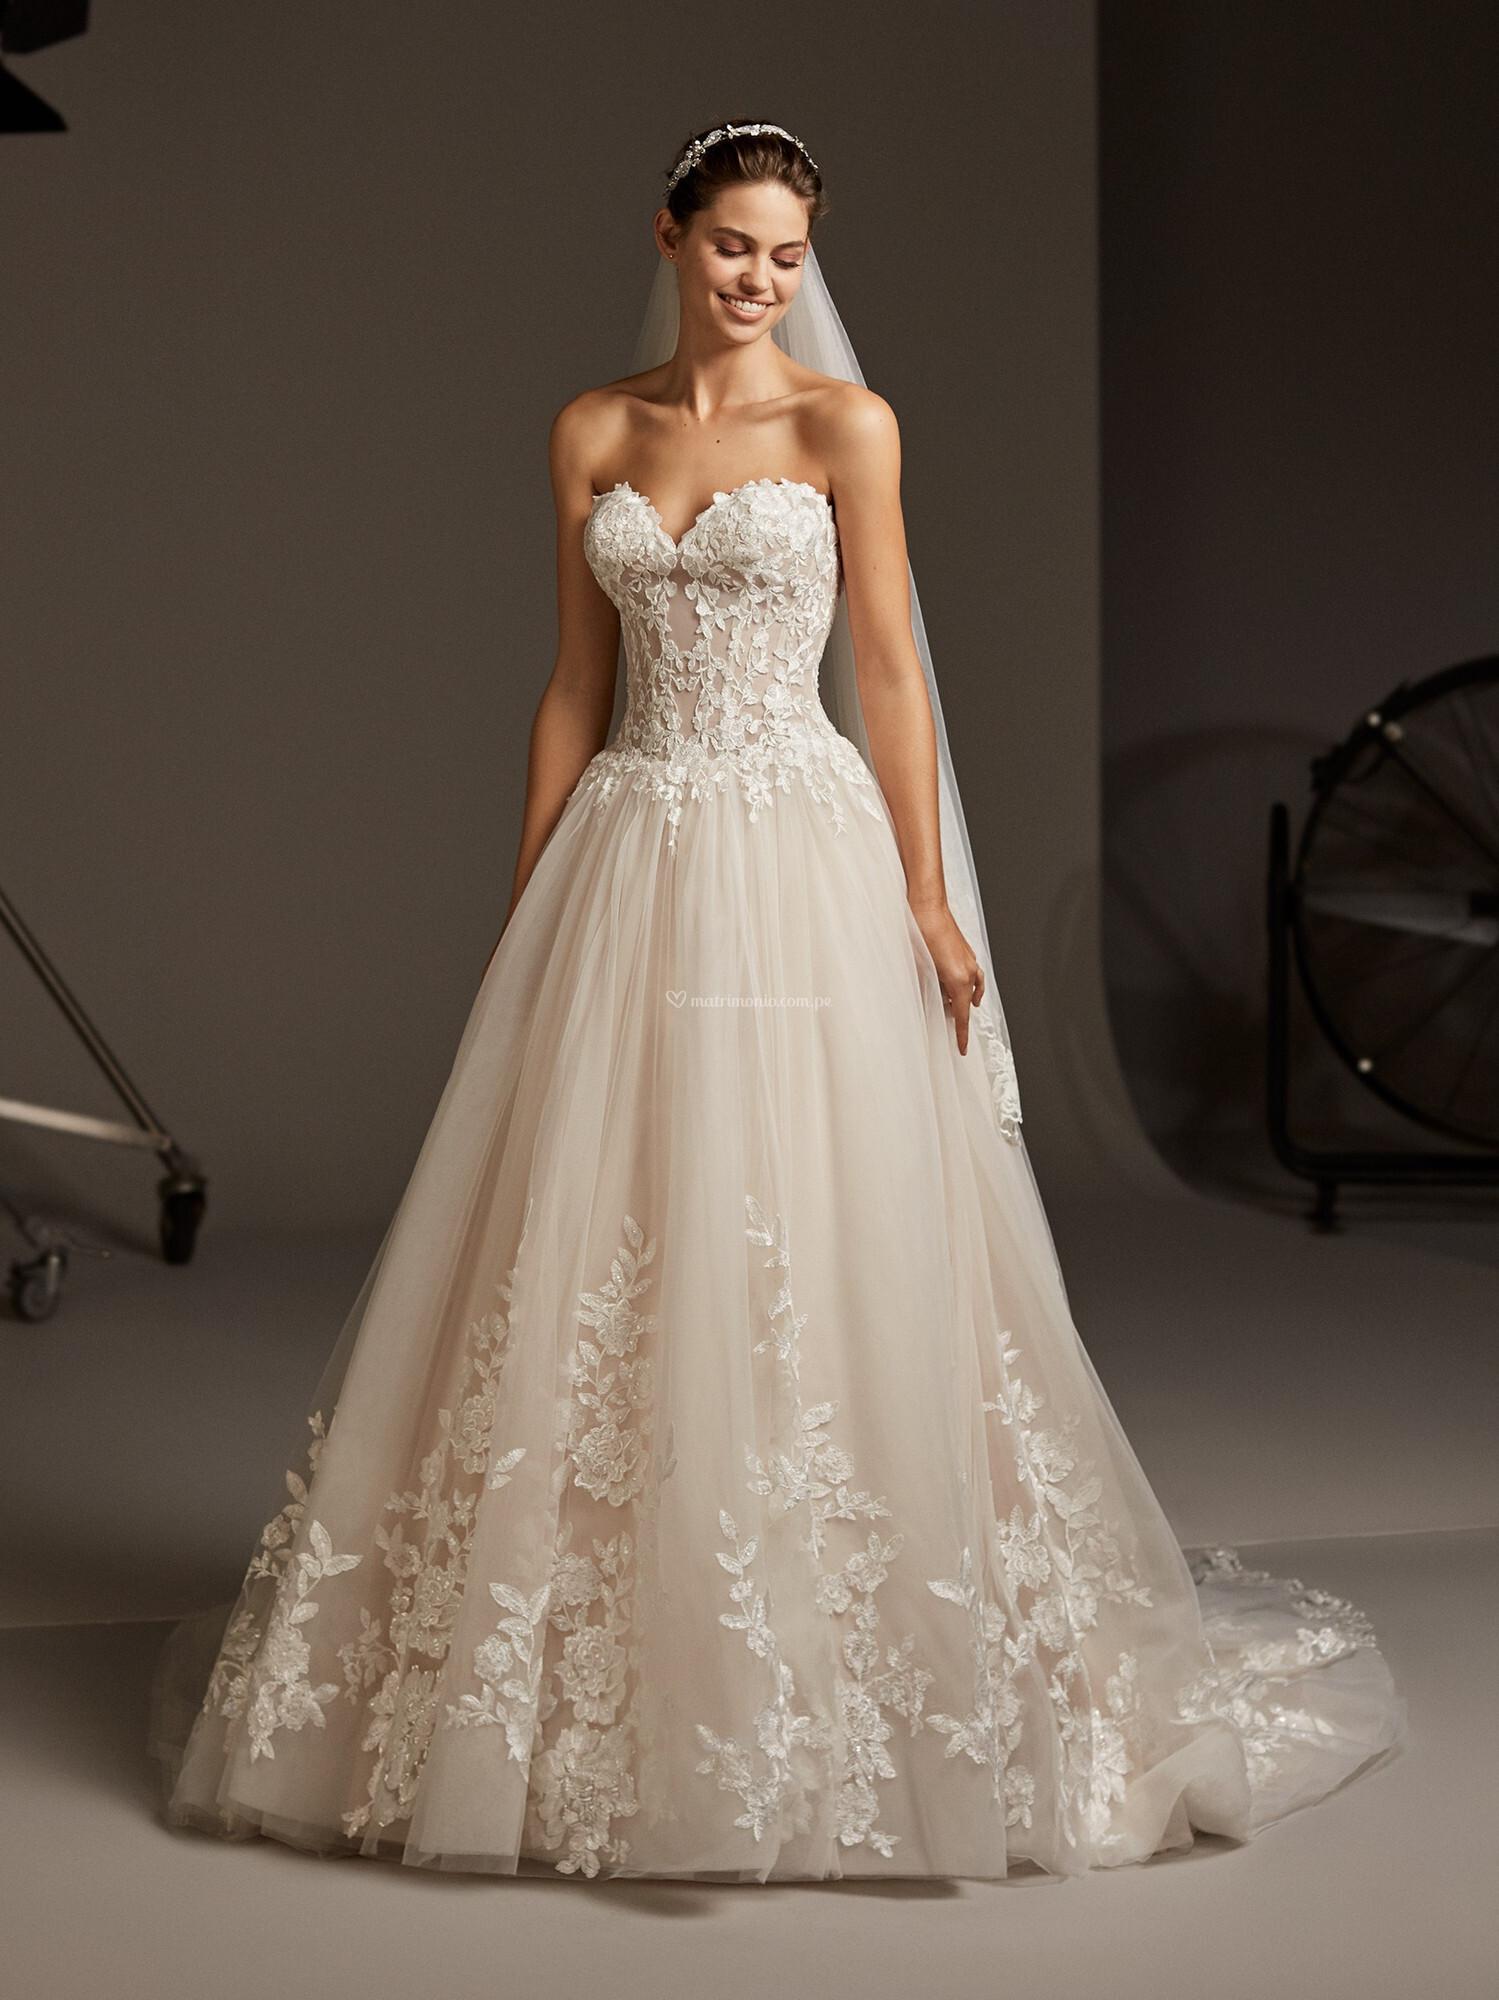 Vestidos corte princesa 2020 14